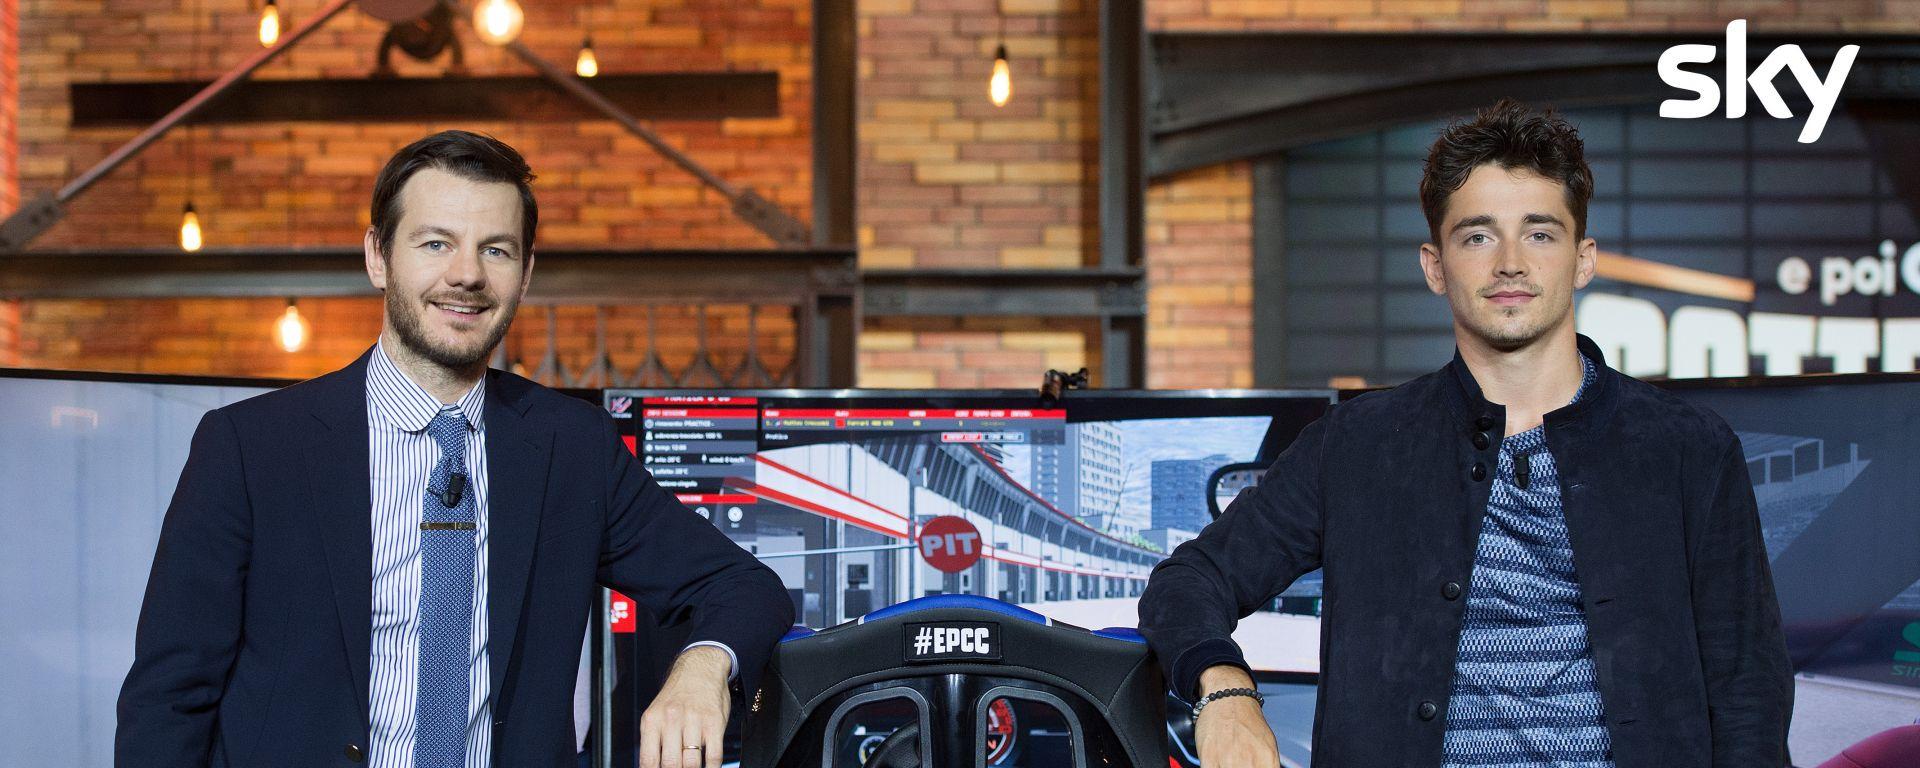 EPCC Leclerc Cattelan, Immagini concesse da Sky; skyuno.it/epcc:Ogni martedì alle 21.15 su Sky Uno sempre disponibile on demand